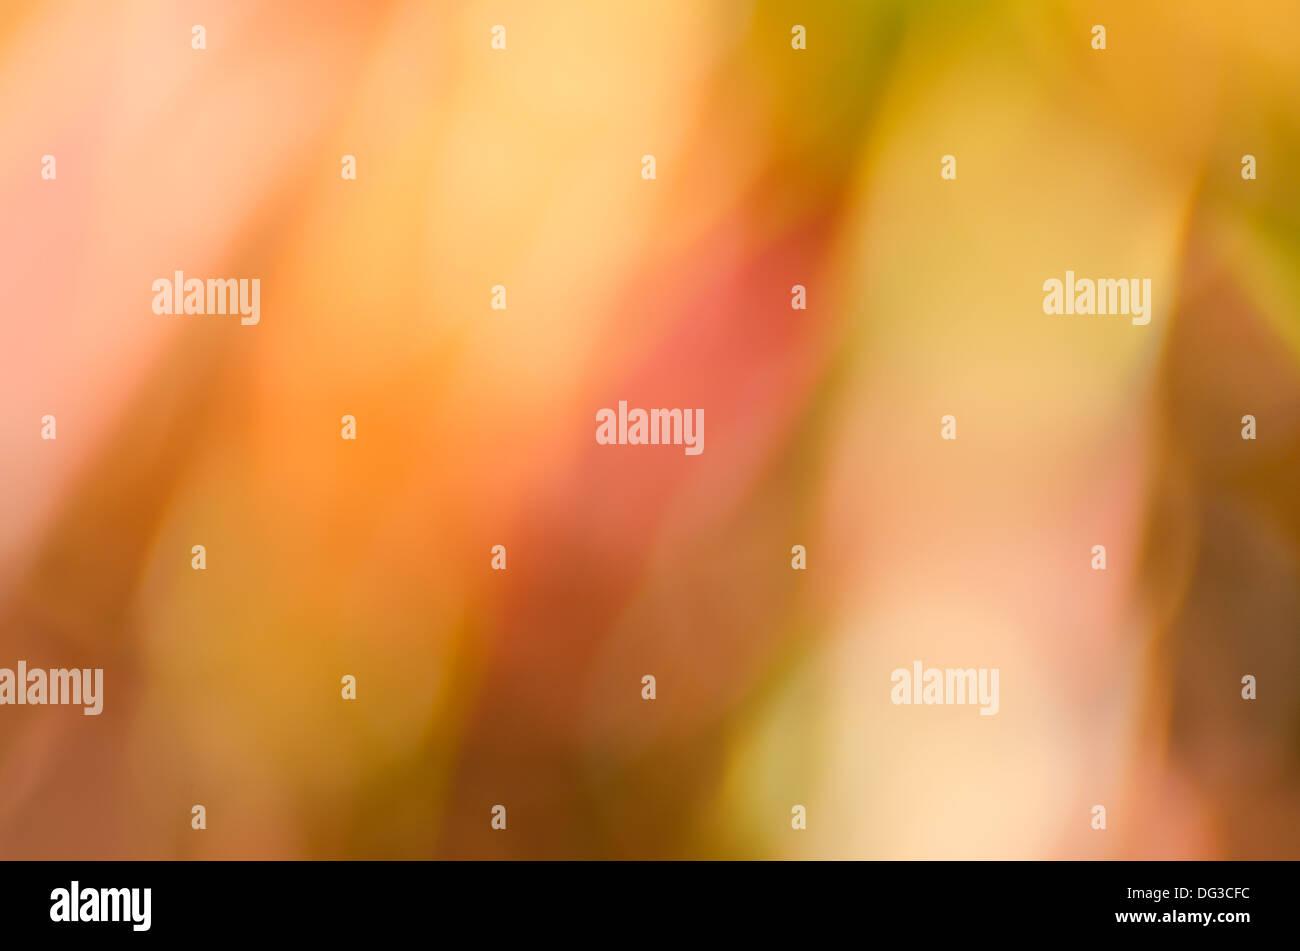 Background - Stock Image